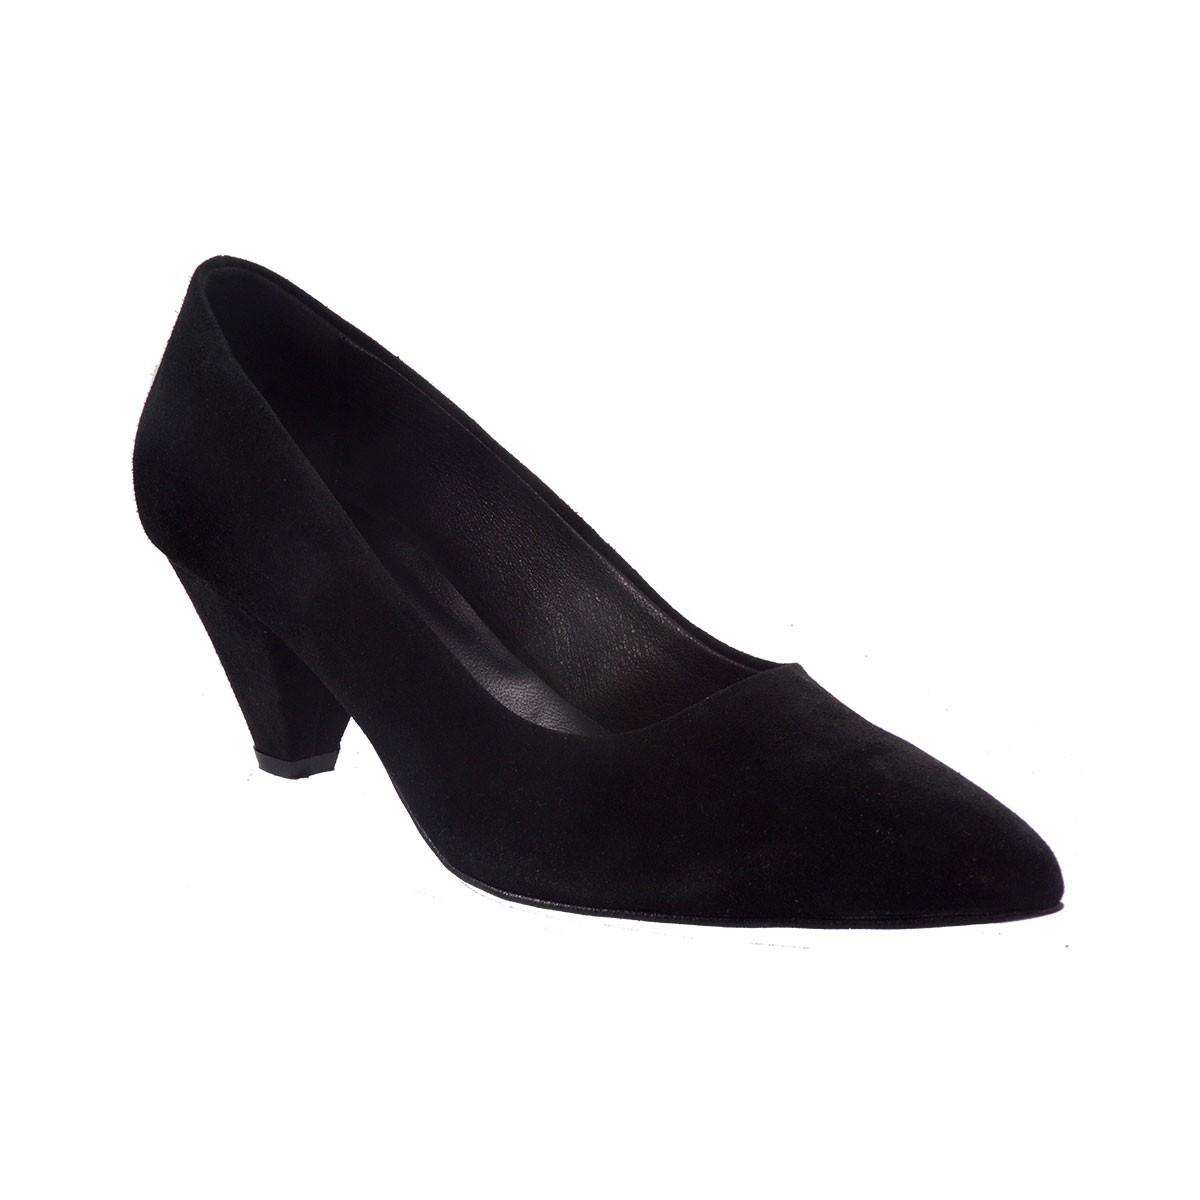 Katia Shoes Γυναικεία Παπούτσια Γόβες ΚΓΟΒΑ-5100 Μαύρο Δέρμα Καστόρι